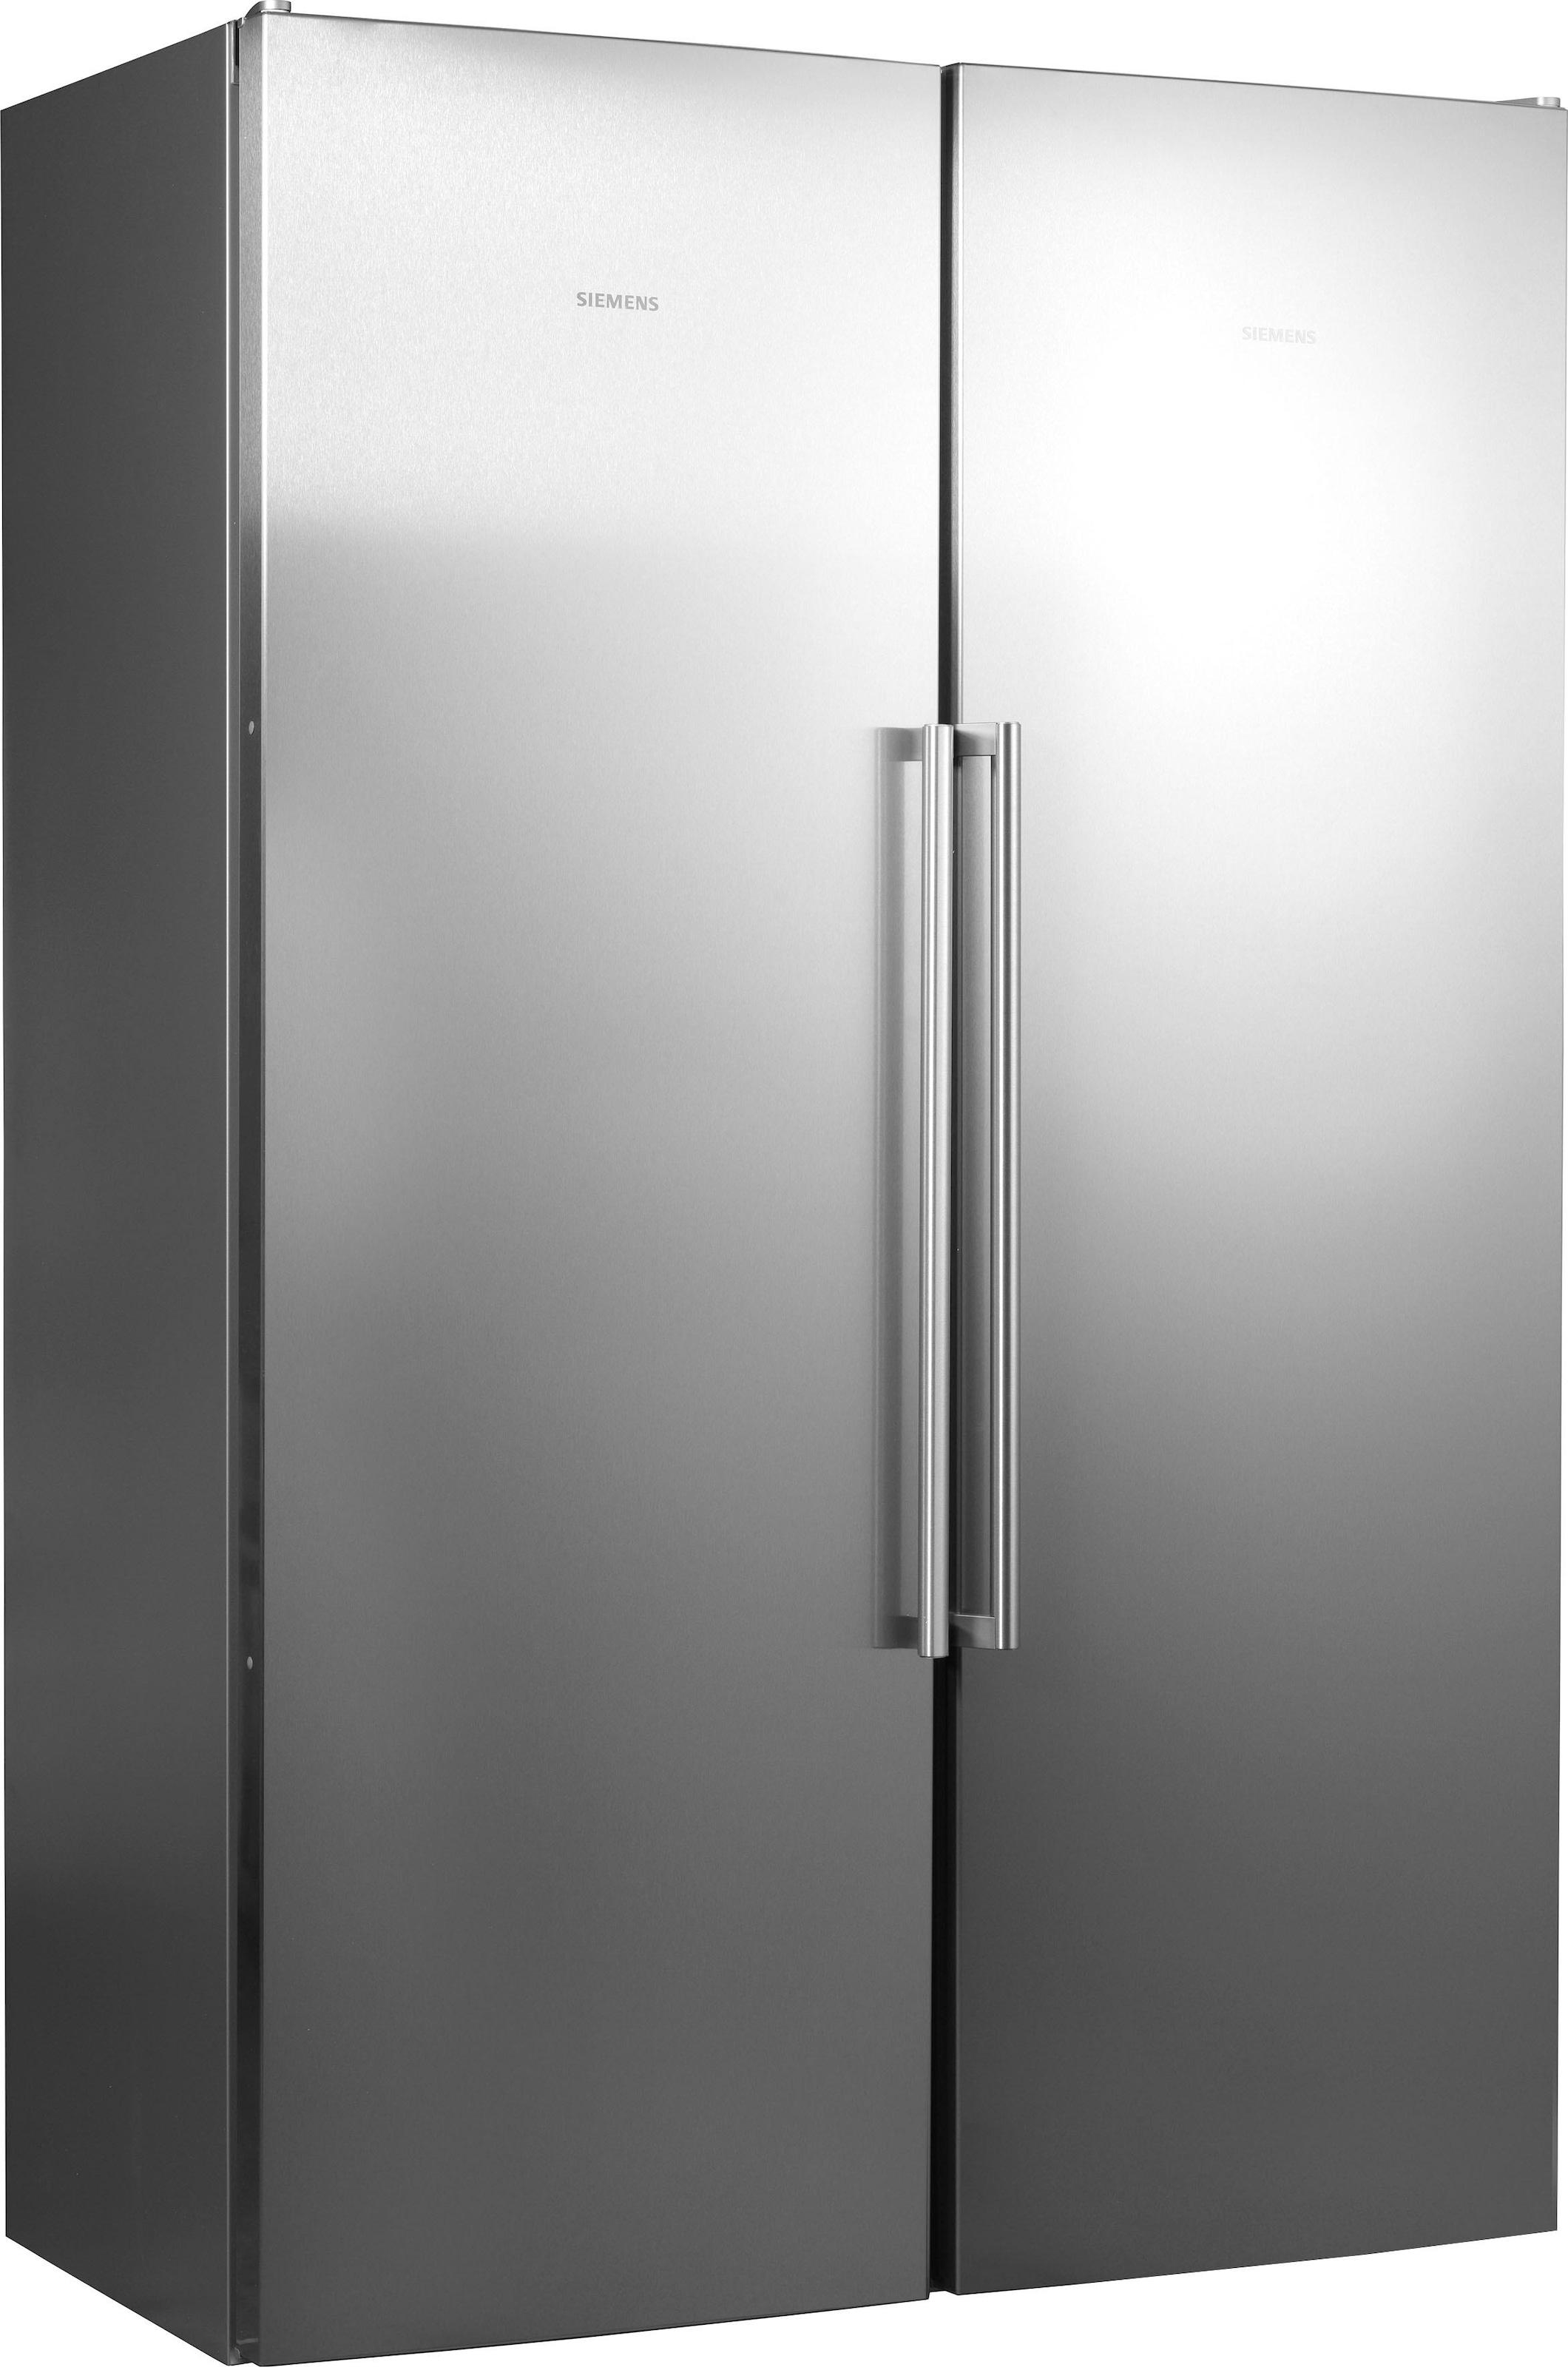 Side By Side Kühlschrank Platzbedarf : Siemens side by side cm hoch cm breit auf raten baur